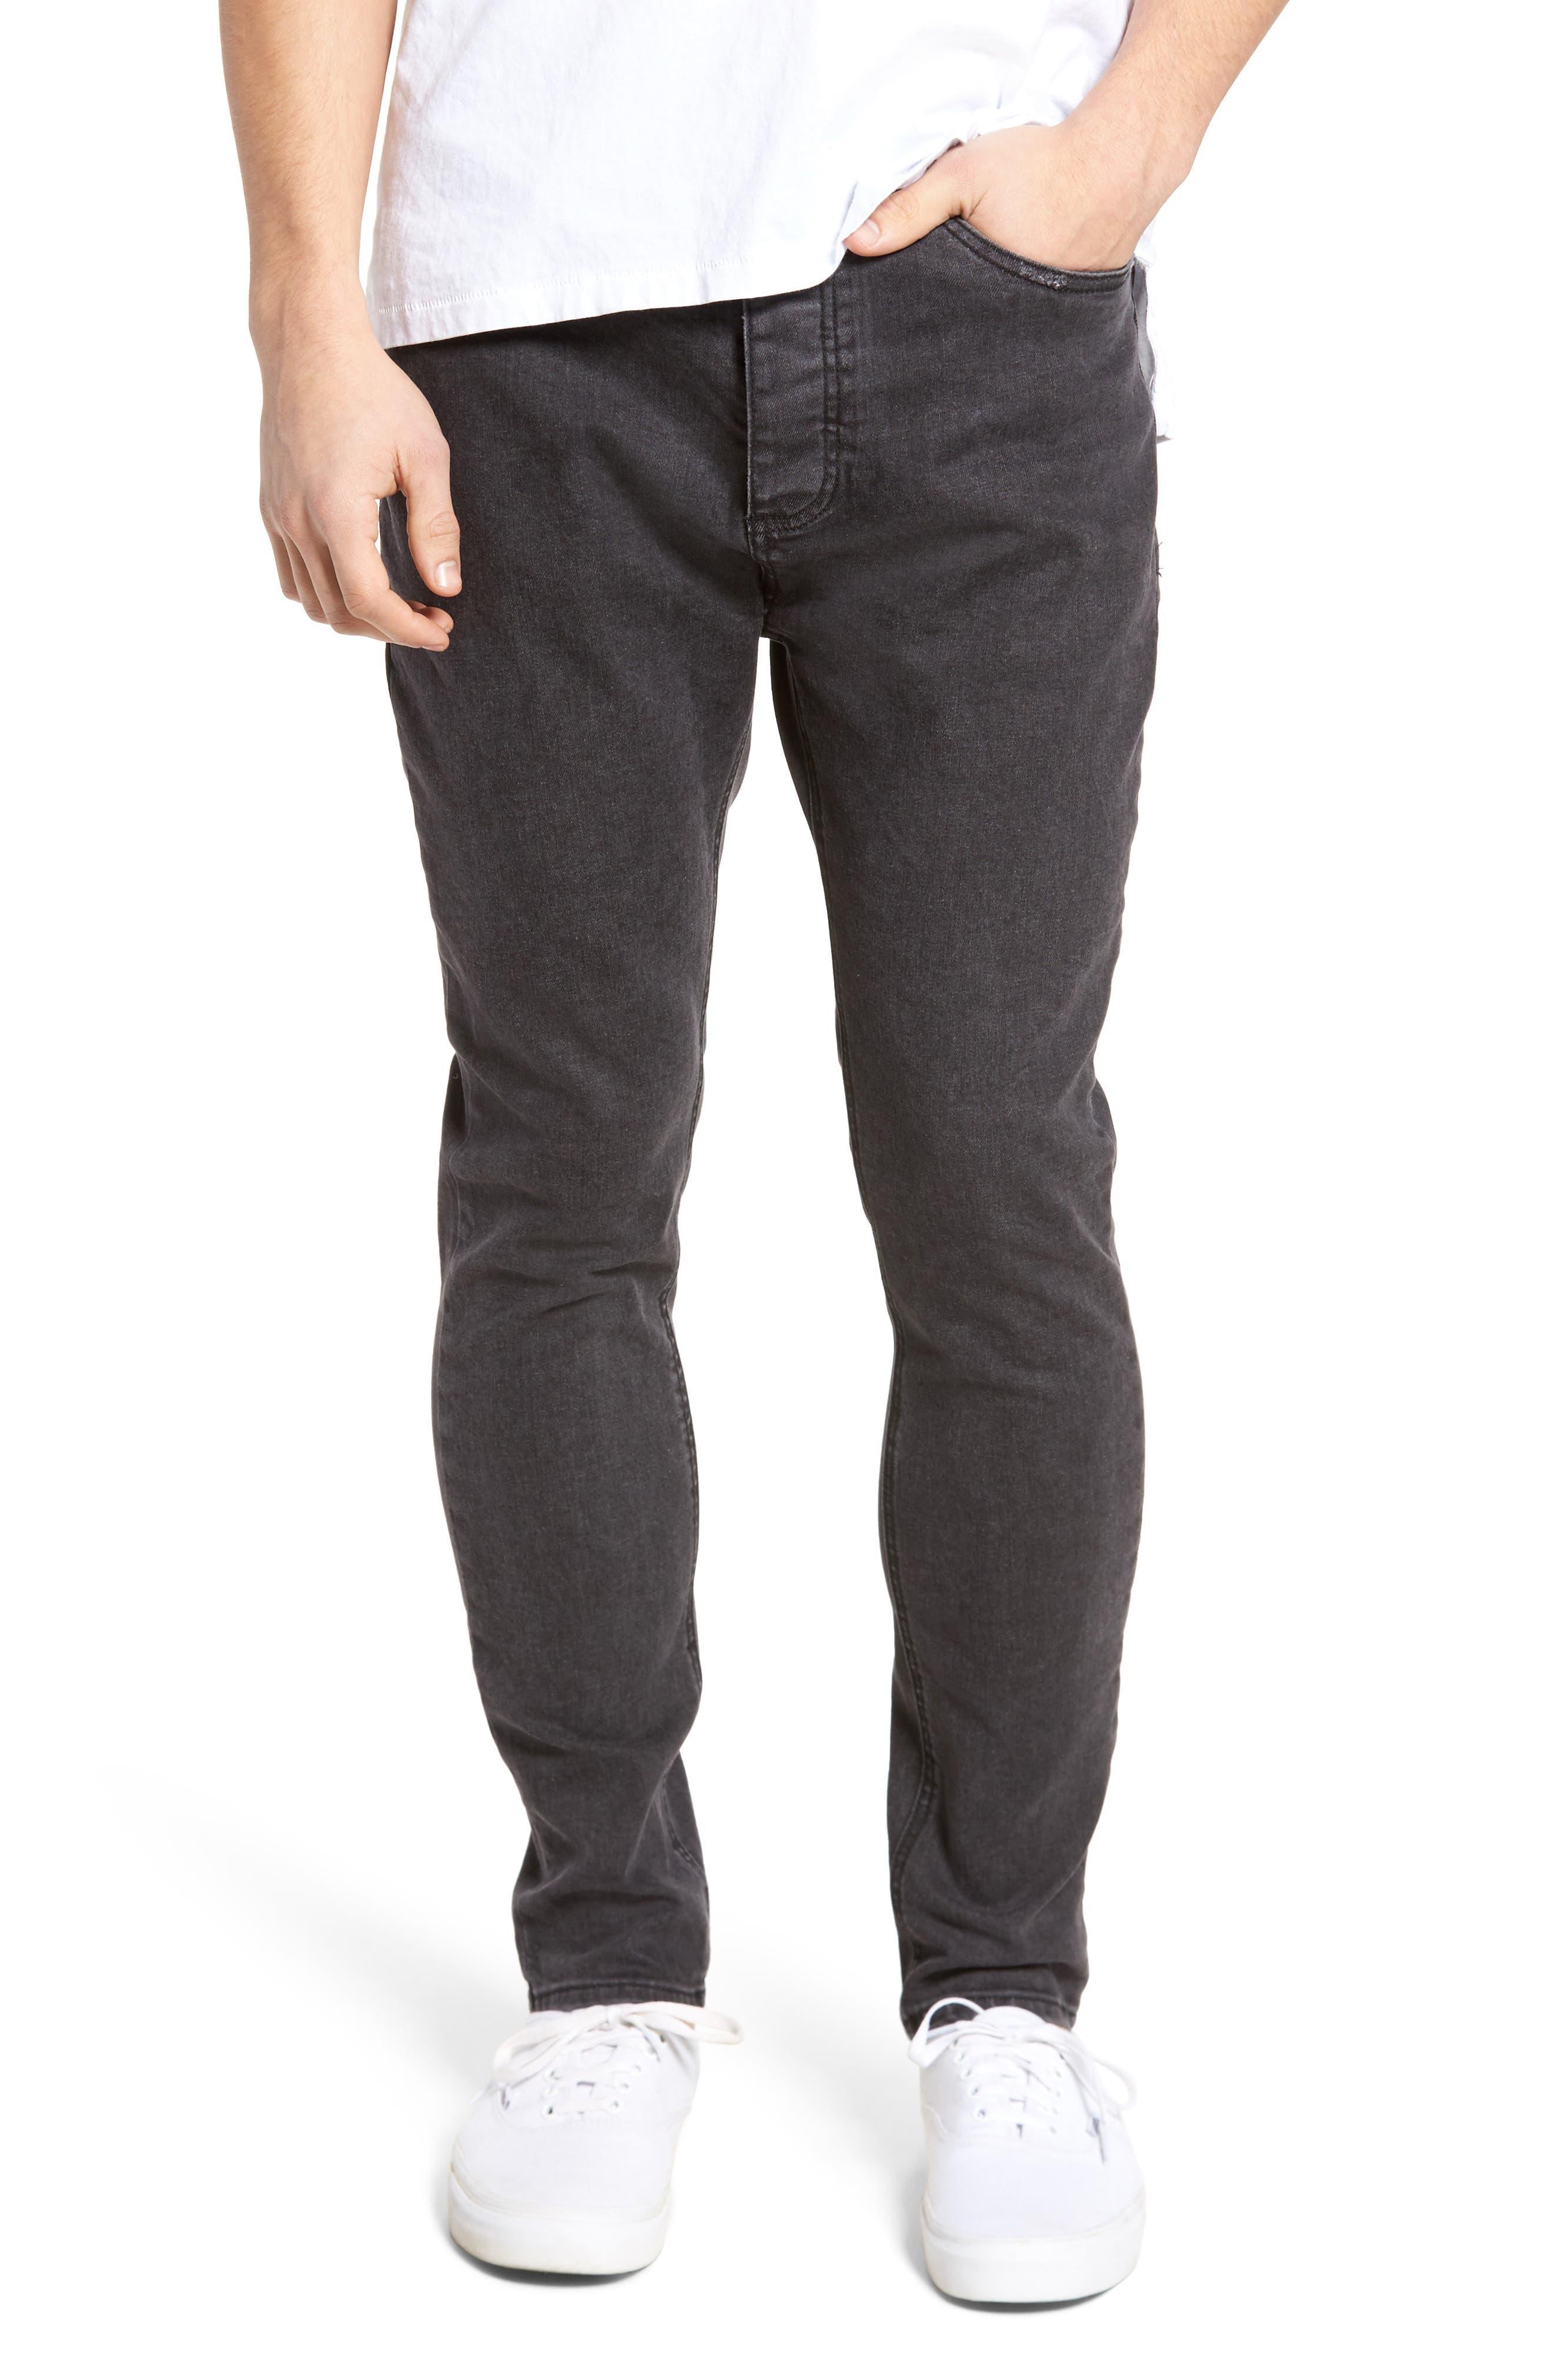 Joe Blow Destroyed Denim Jeans,                             Main thumbnail 1, color,                             BLACK